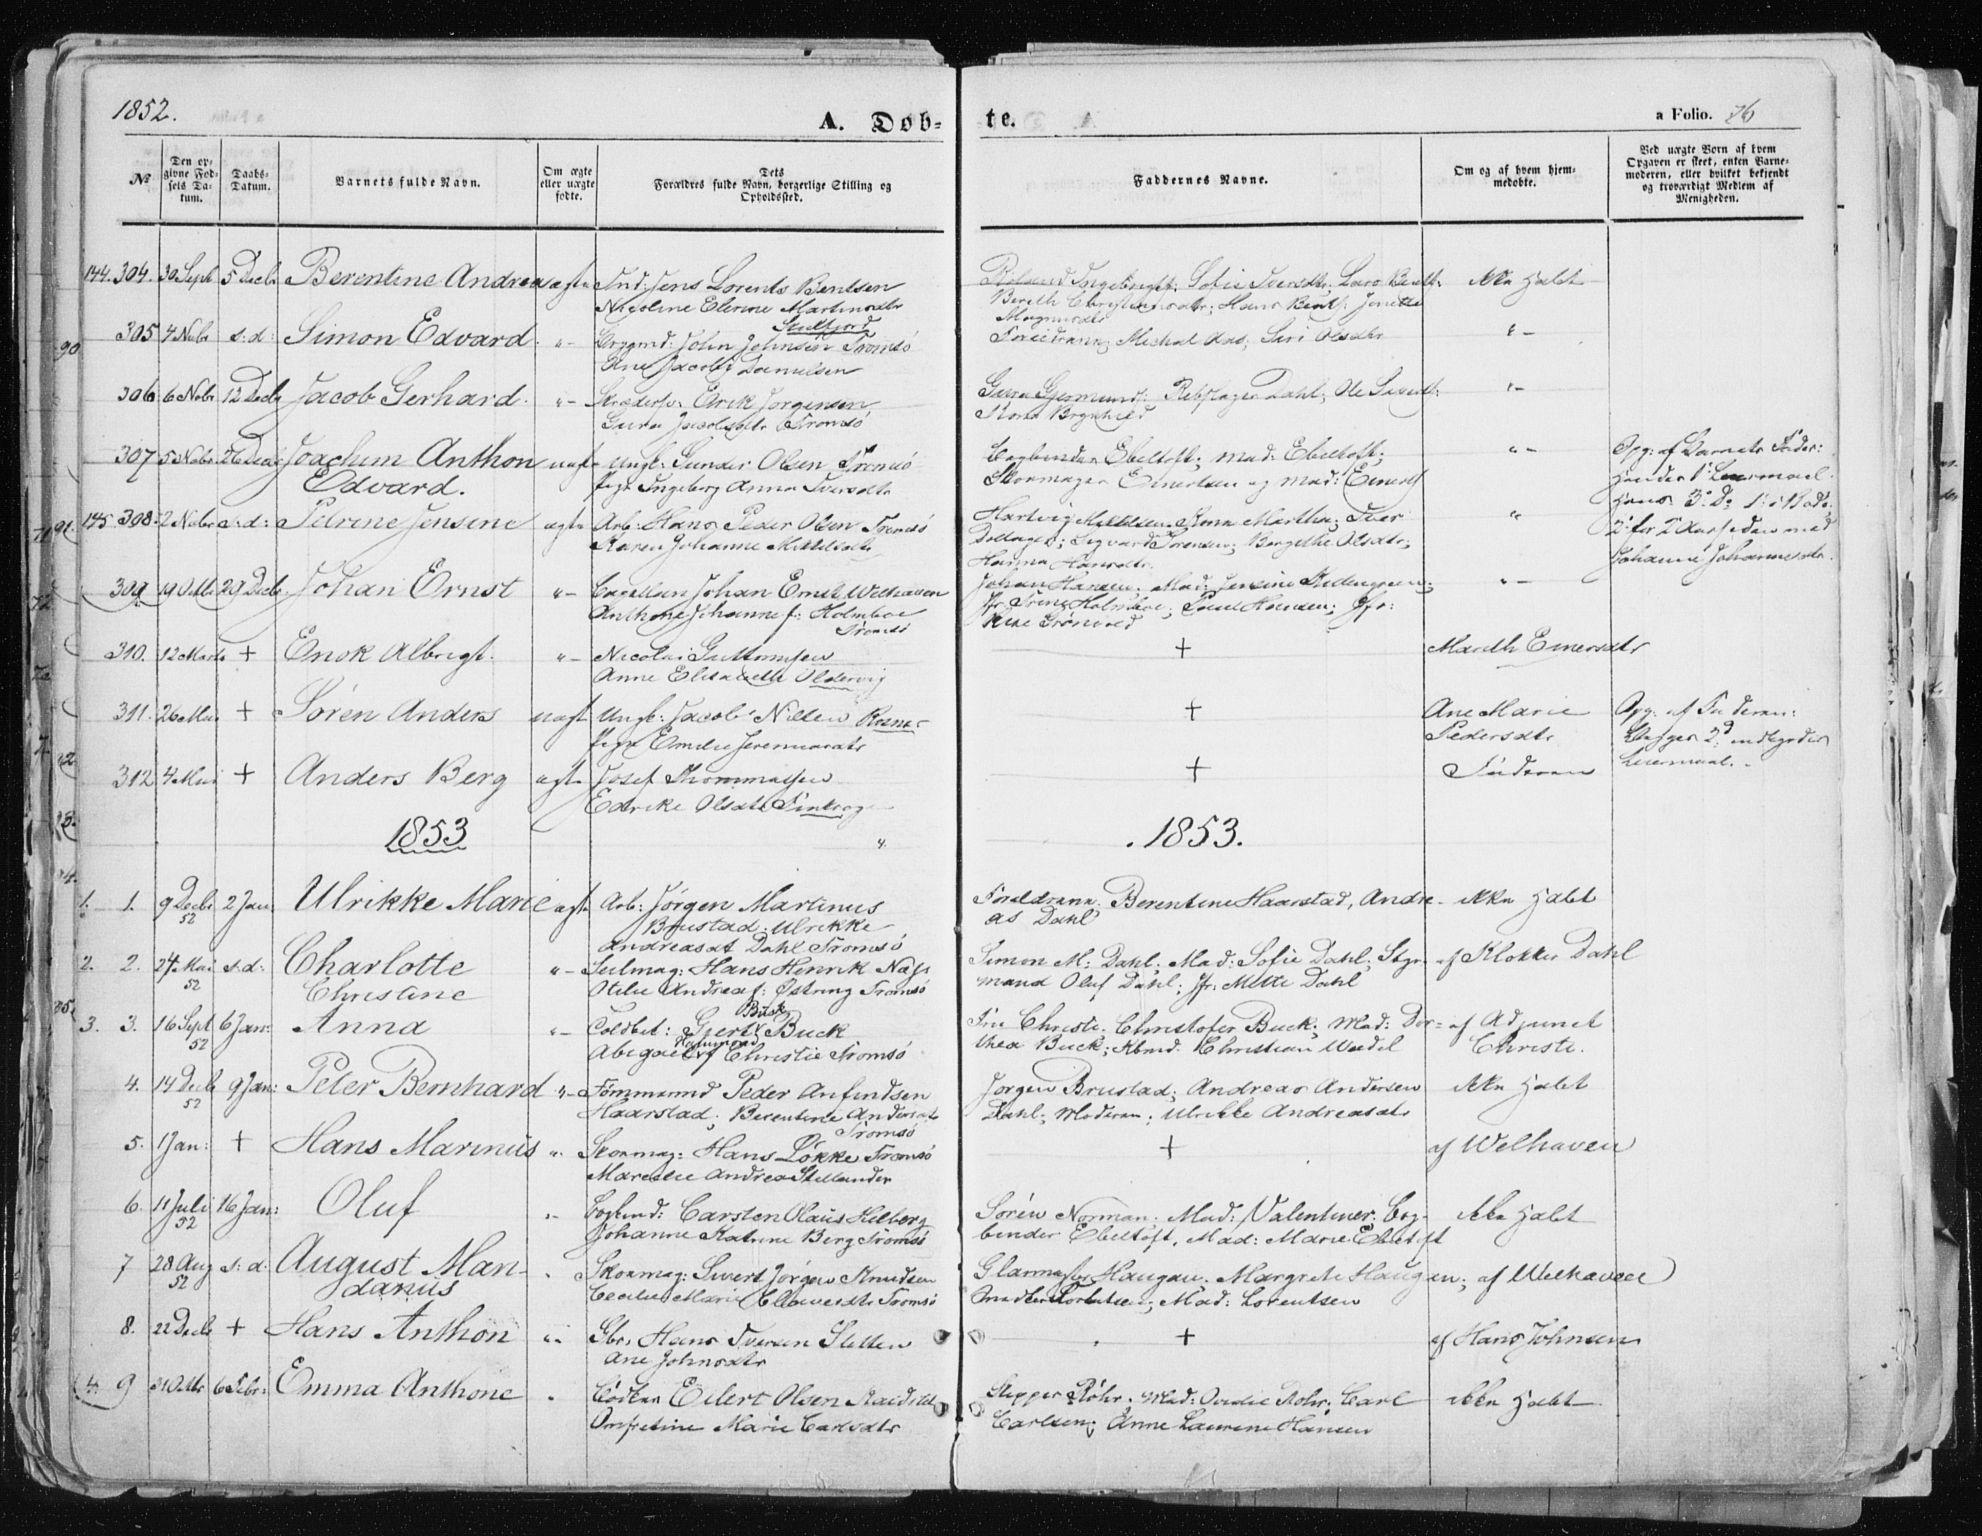 SATØ, Tromsø sokneprestkontor/stiftsprosti/domprosti, G/Ga/L0010kirke: Ministerialbok nr. 10, 1848-1855, s. 76